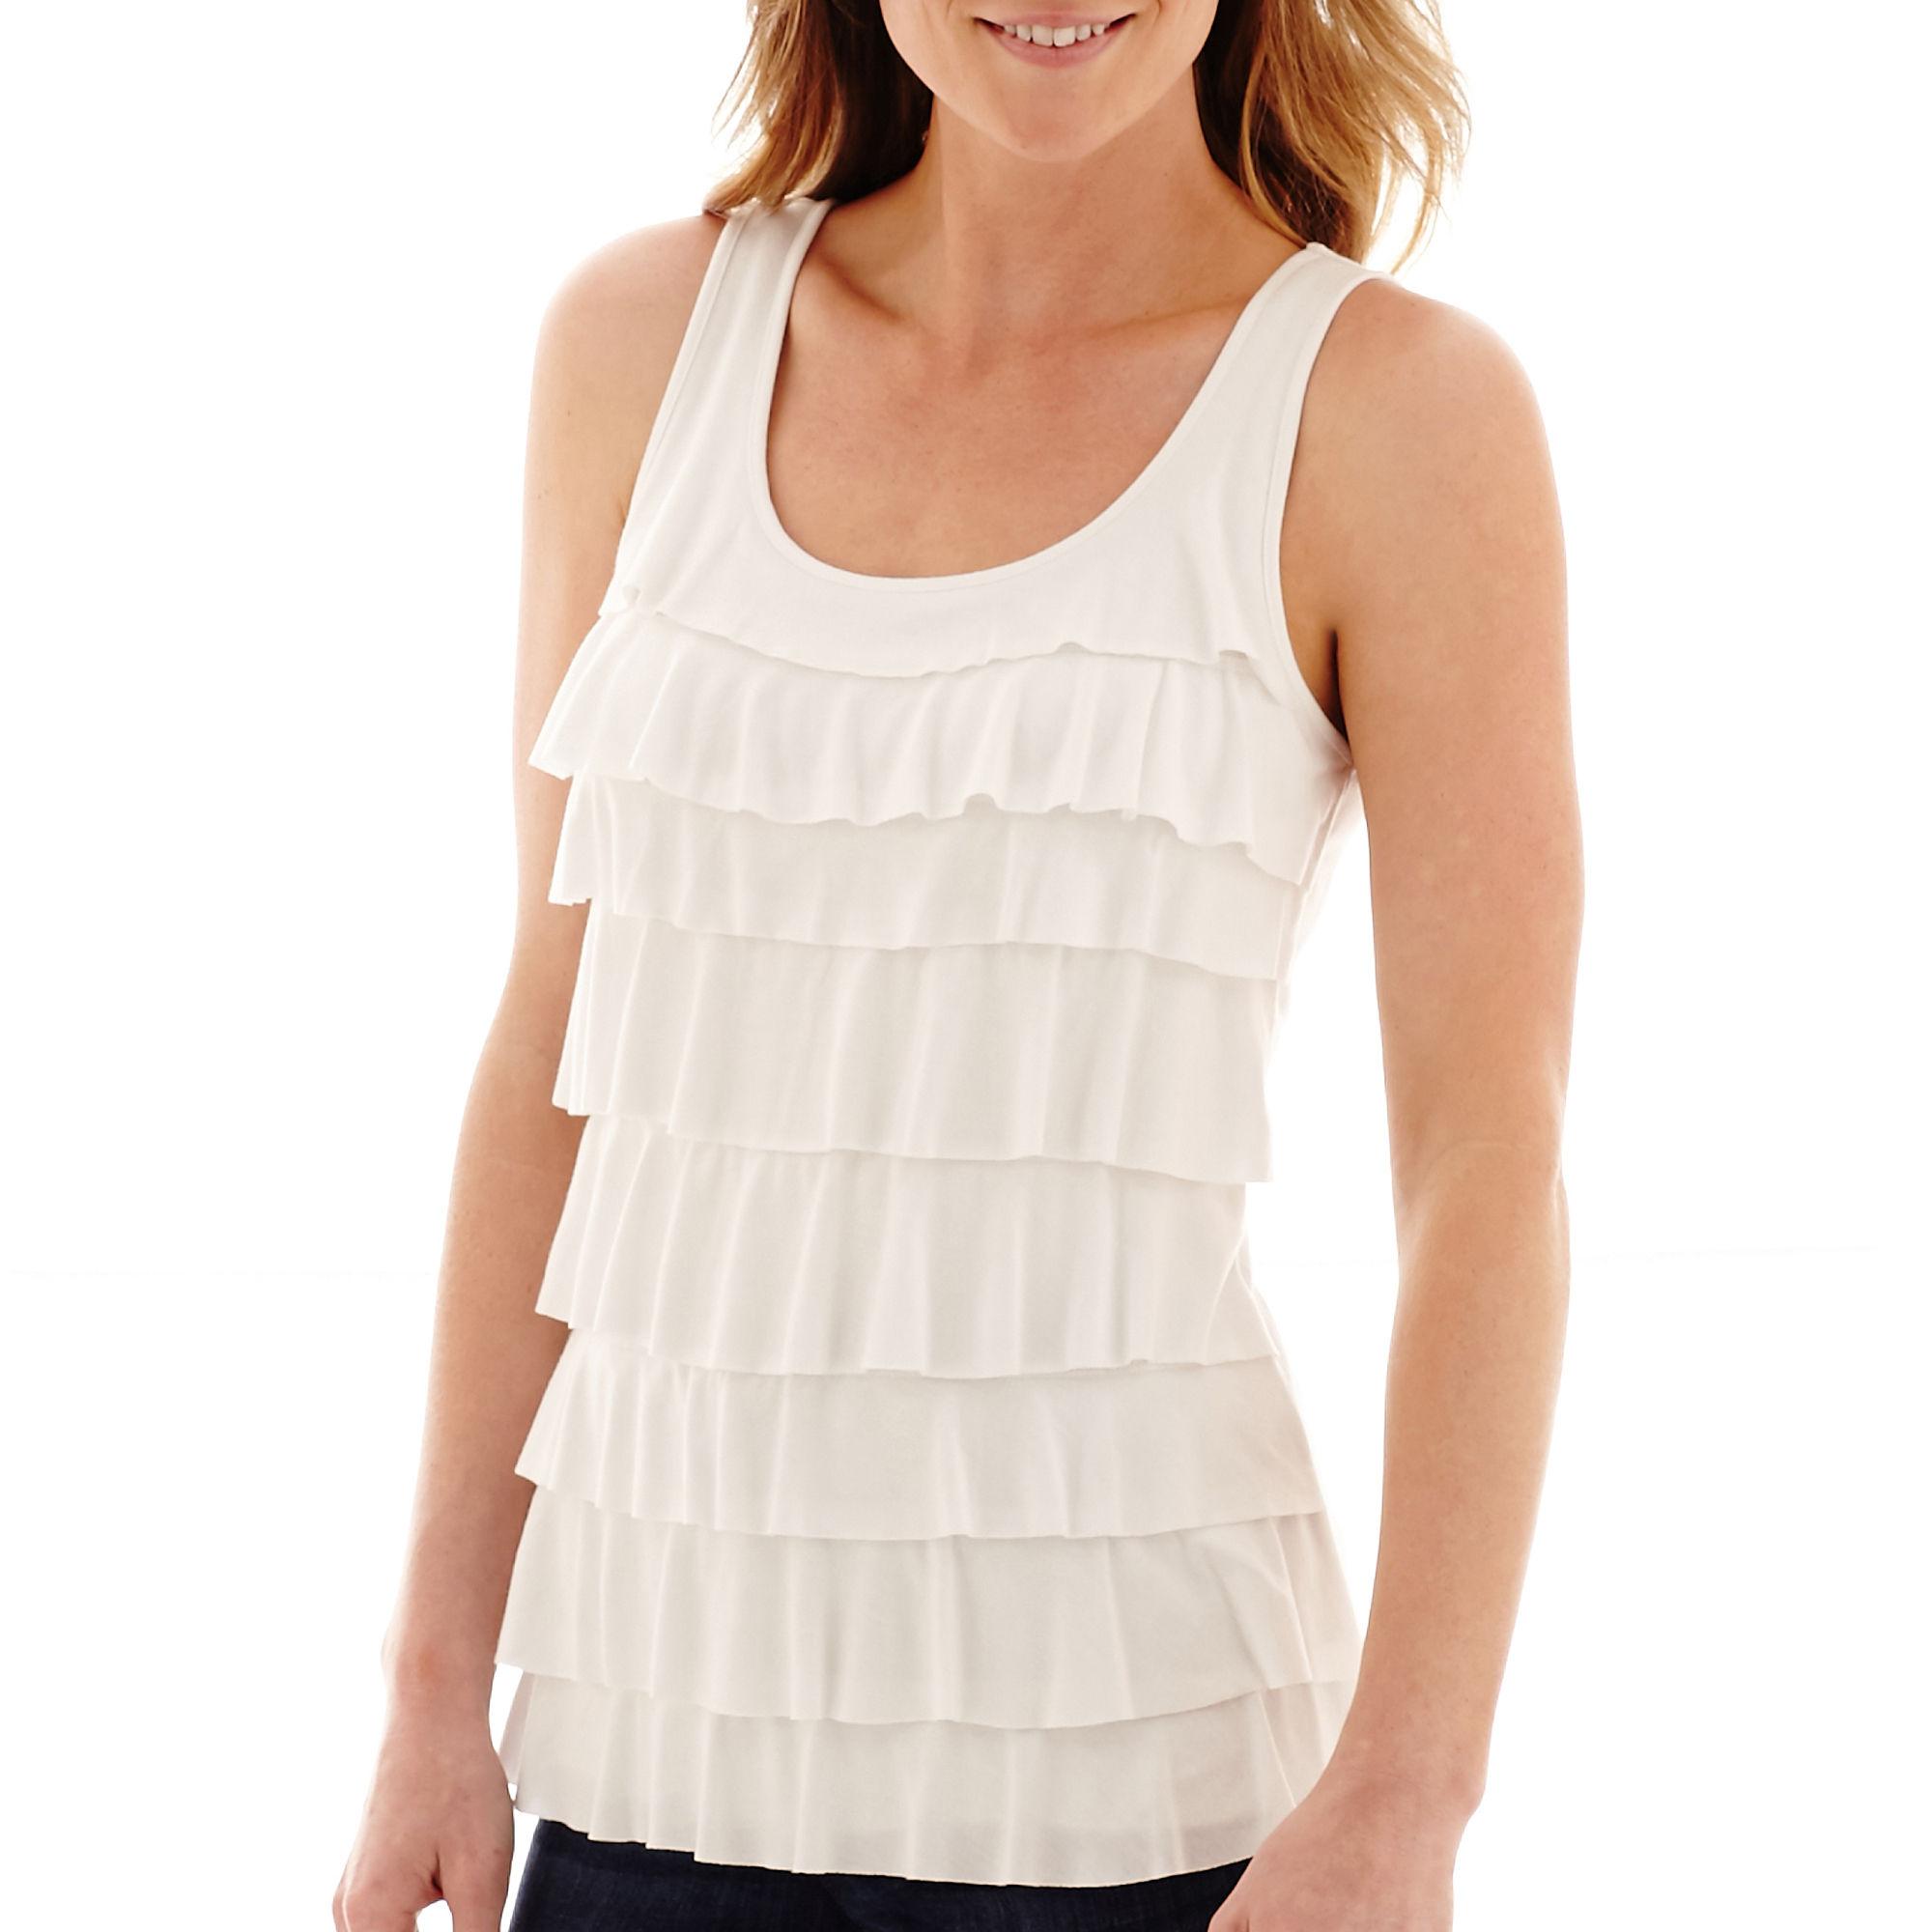 Liz claiborne clothing online shopping